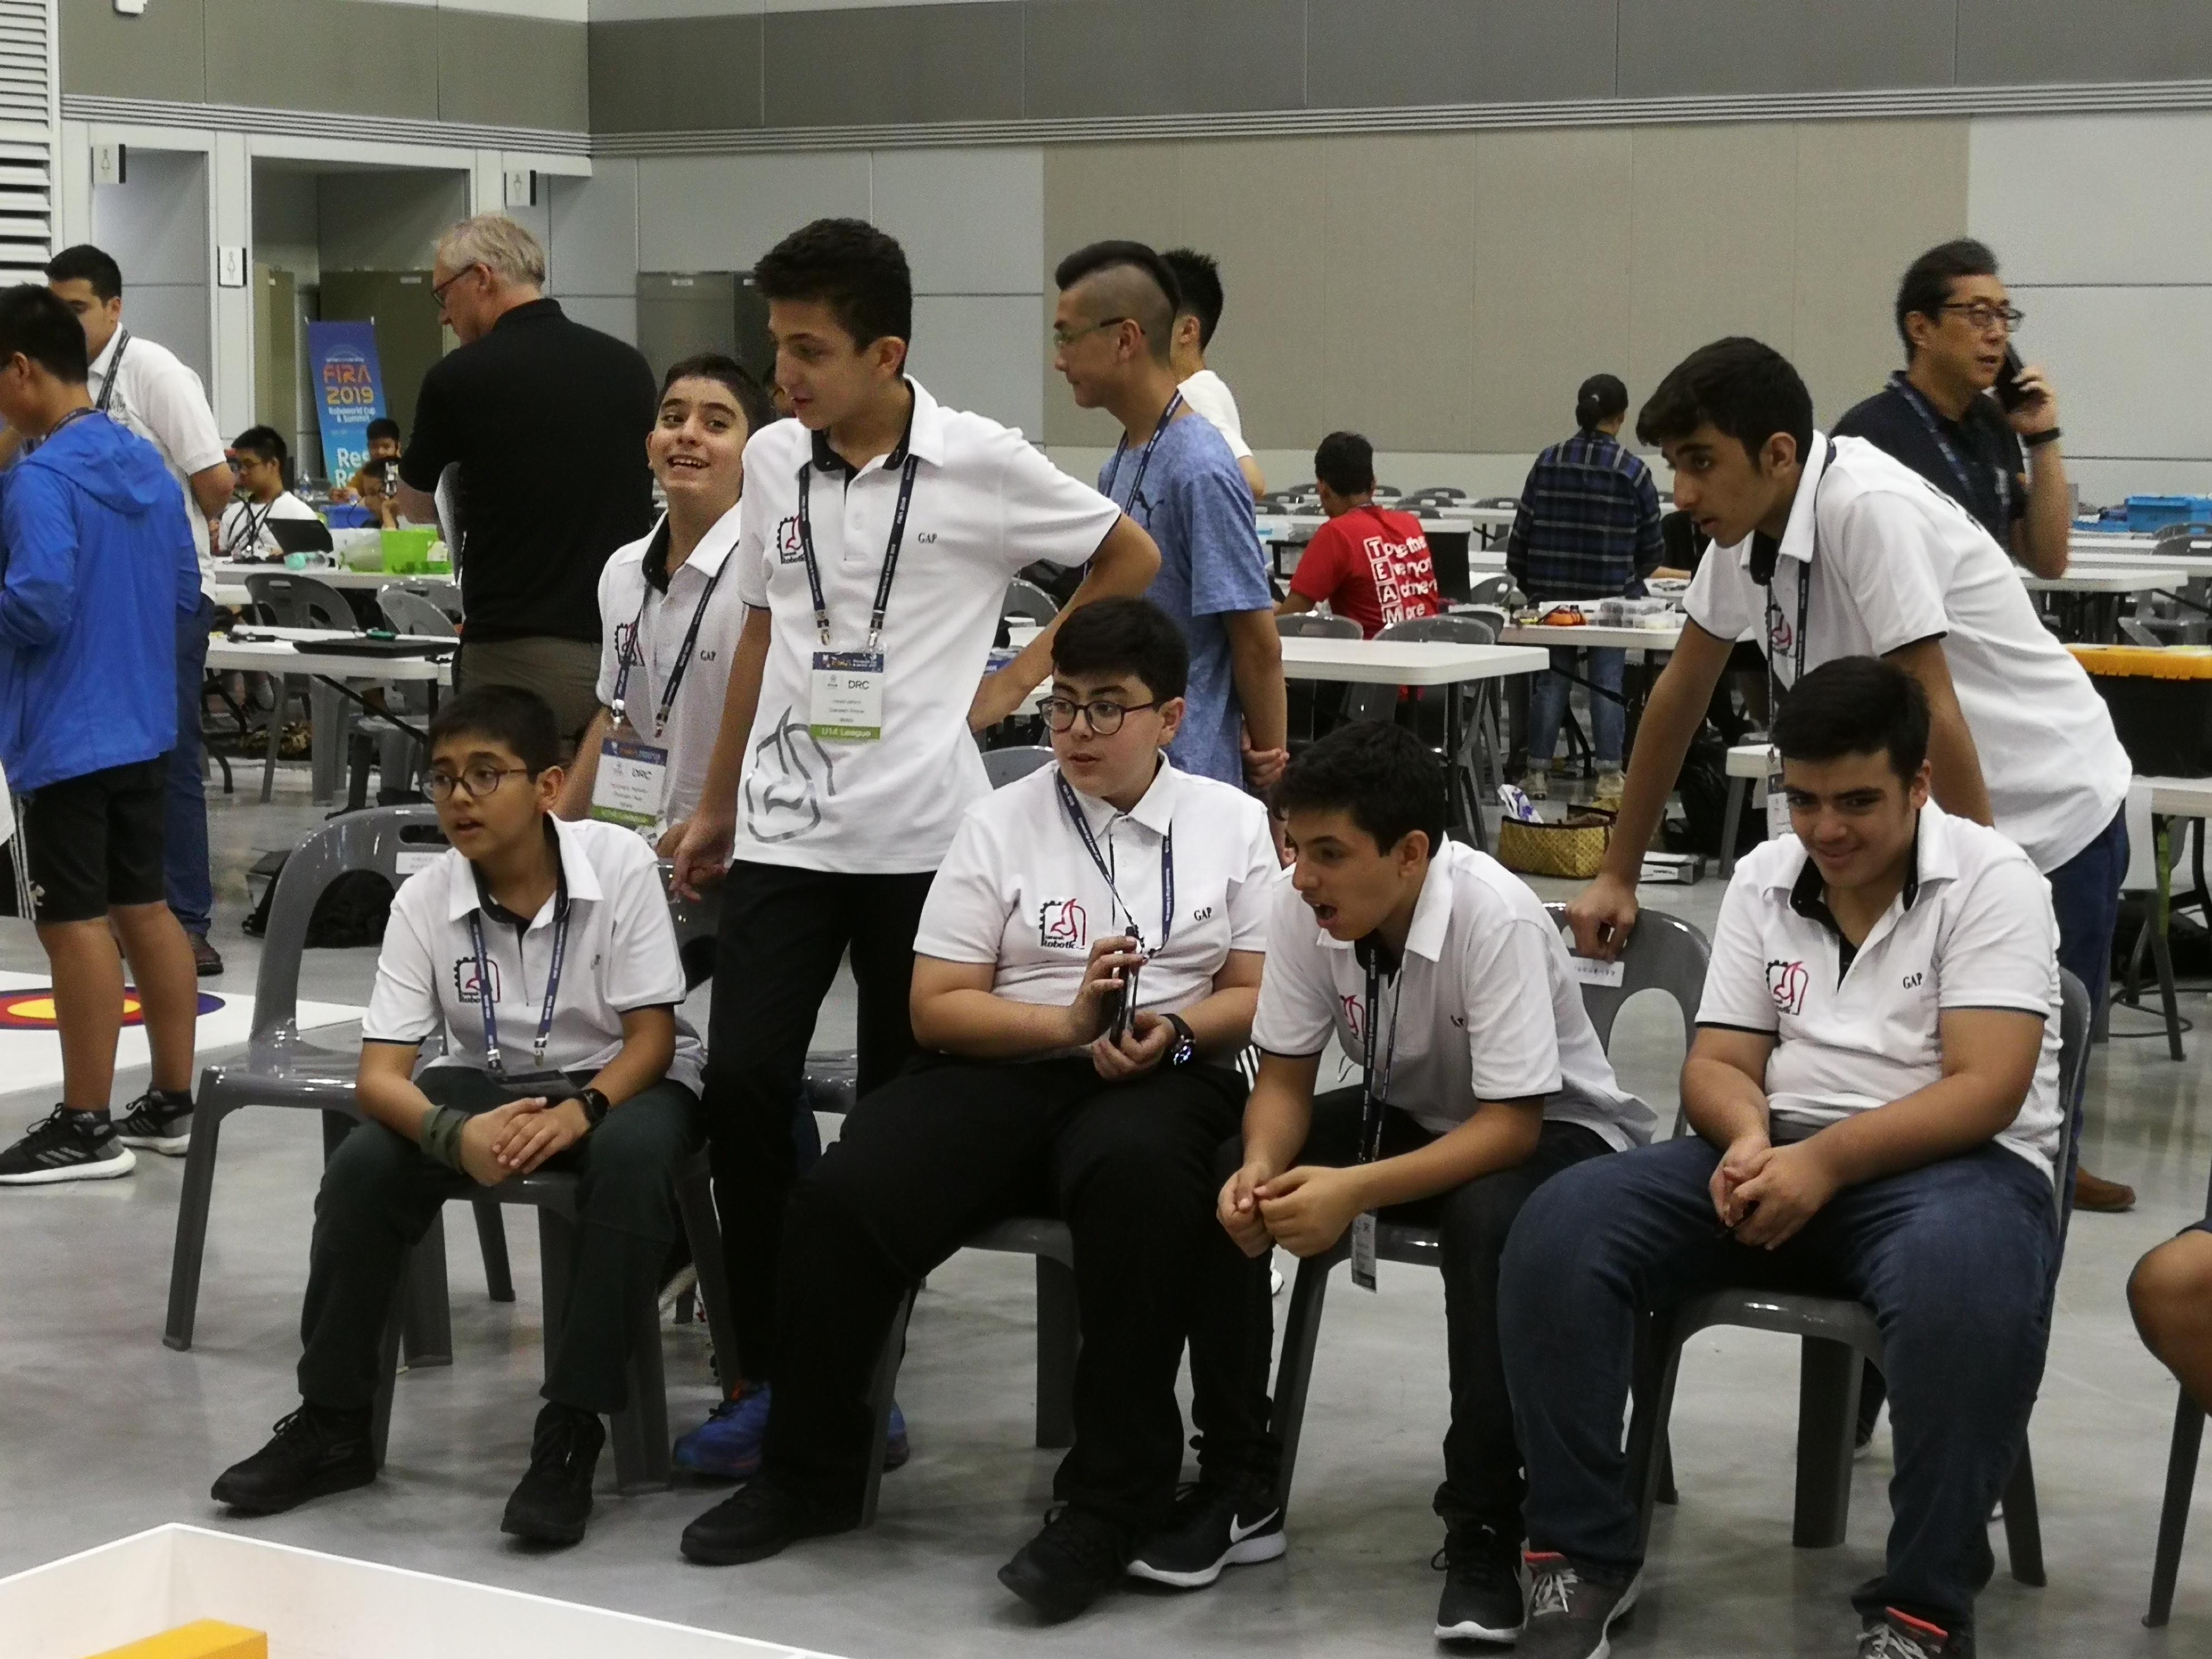 امشب؛ نتایج مسابقات رباتیک کره جنوبی اعلام خواهد شد